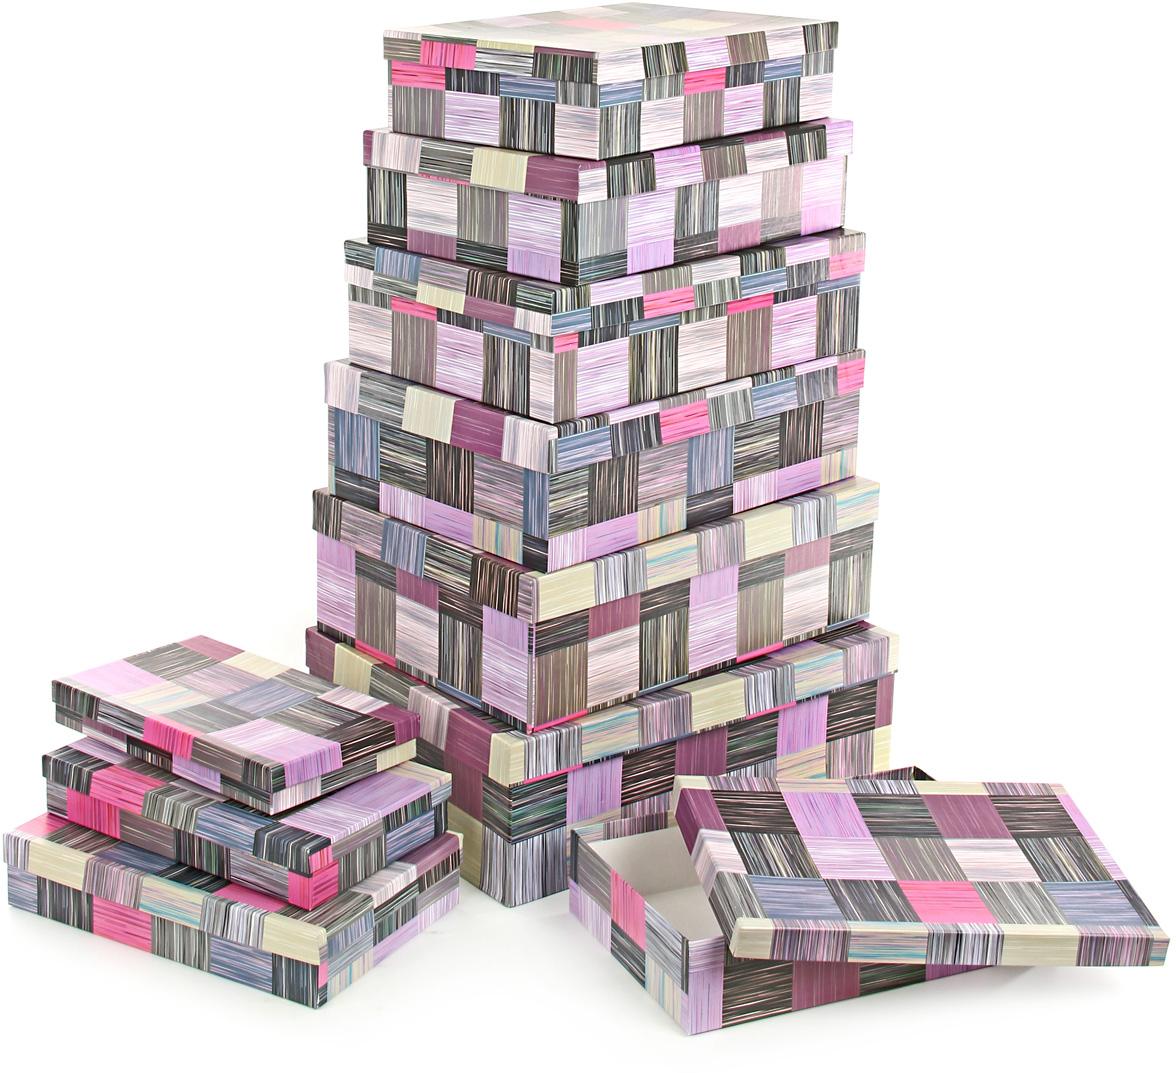 Набор подарочных коробок Veld-Co Сиреневое сияние, 10 шт57566Подарочные коробки Veld-Co - это наилучшее решение, если вы хотите порадовать вашихблизких и создать праздничное настроение, ведь подарок, преподнесенный воригинальной упаковке, всегда будет самым эффектным и запоминающимся.Окружите близких людей вниманием и заботой, вручив презент в нарядном,праздничном оформлении.